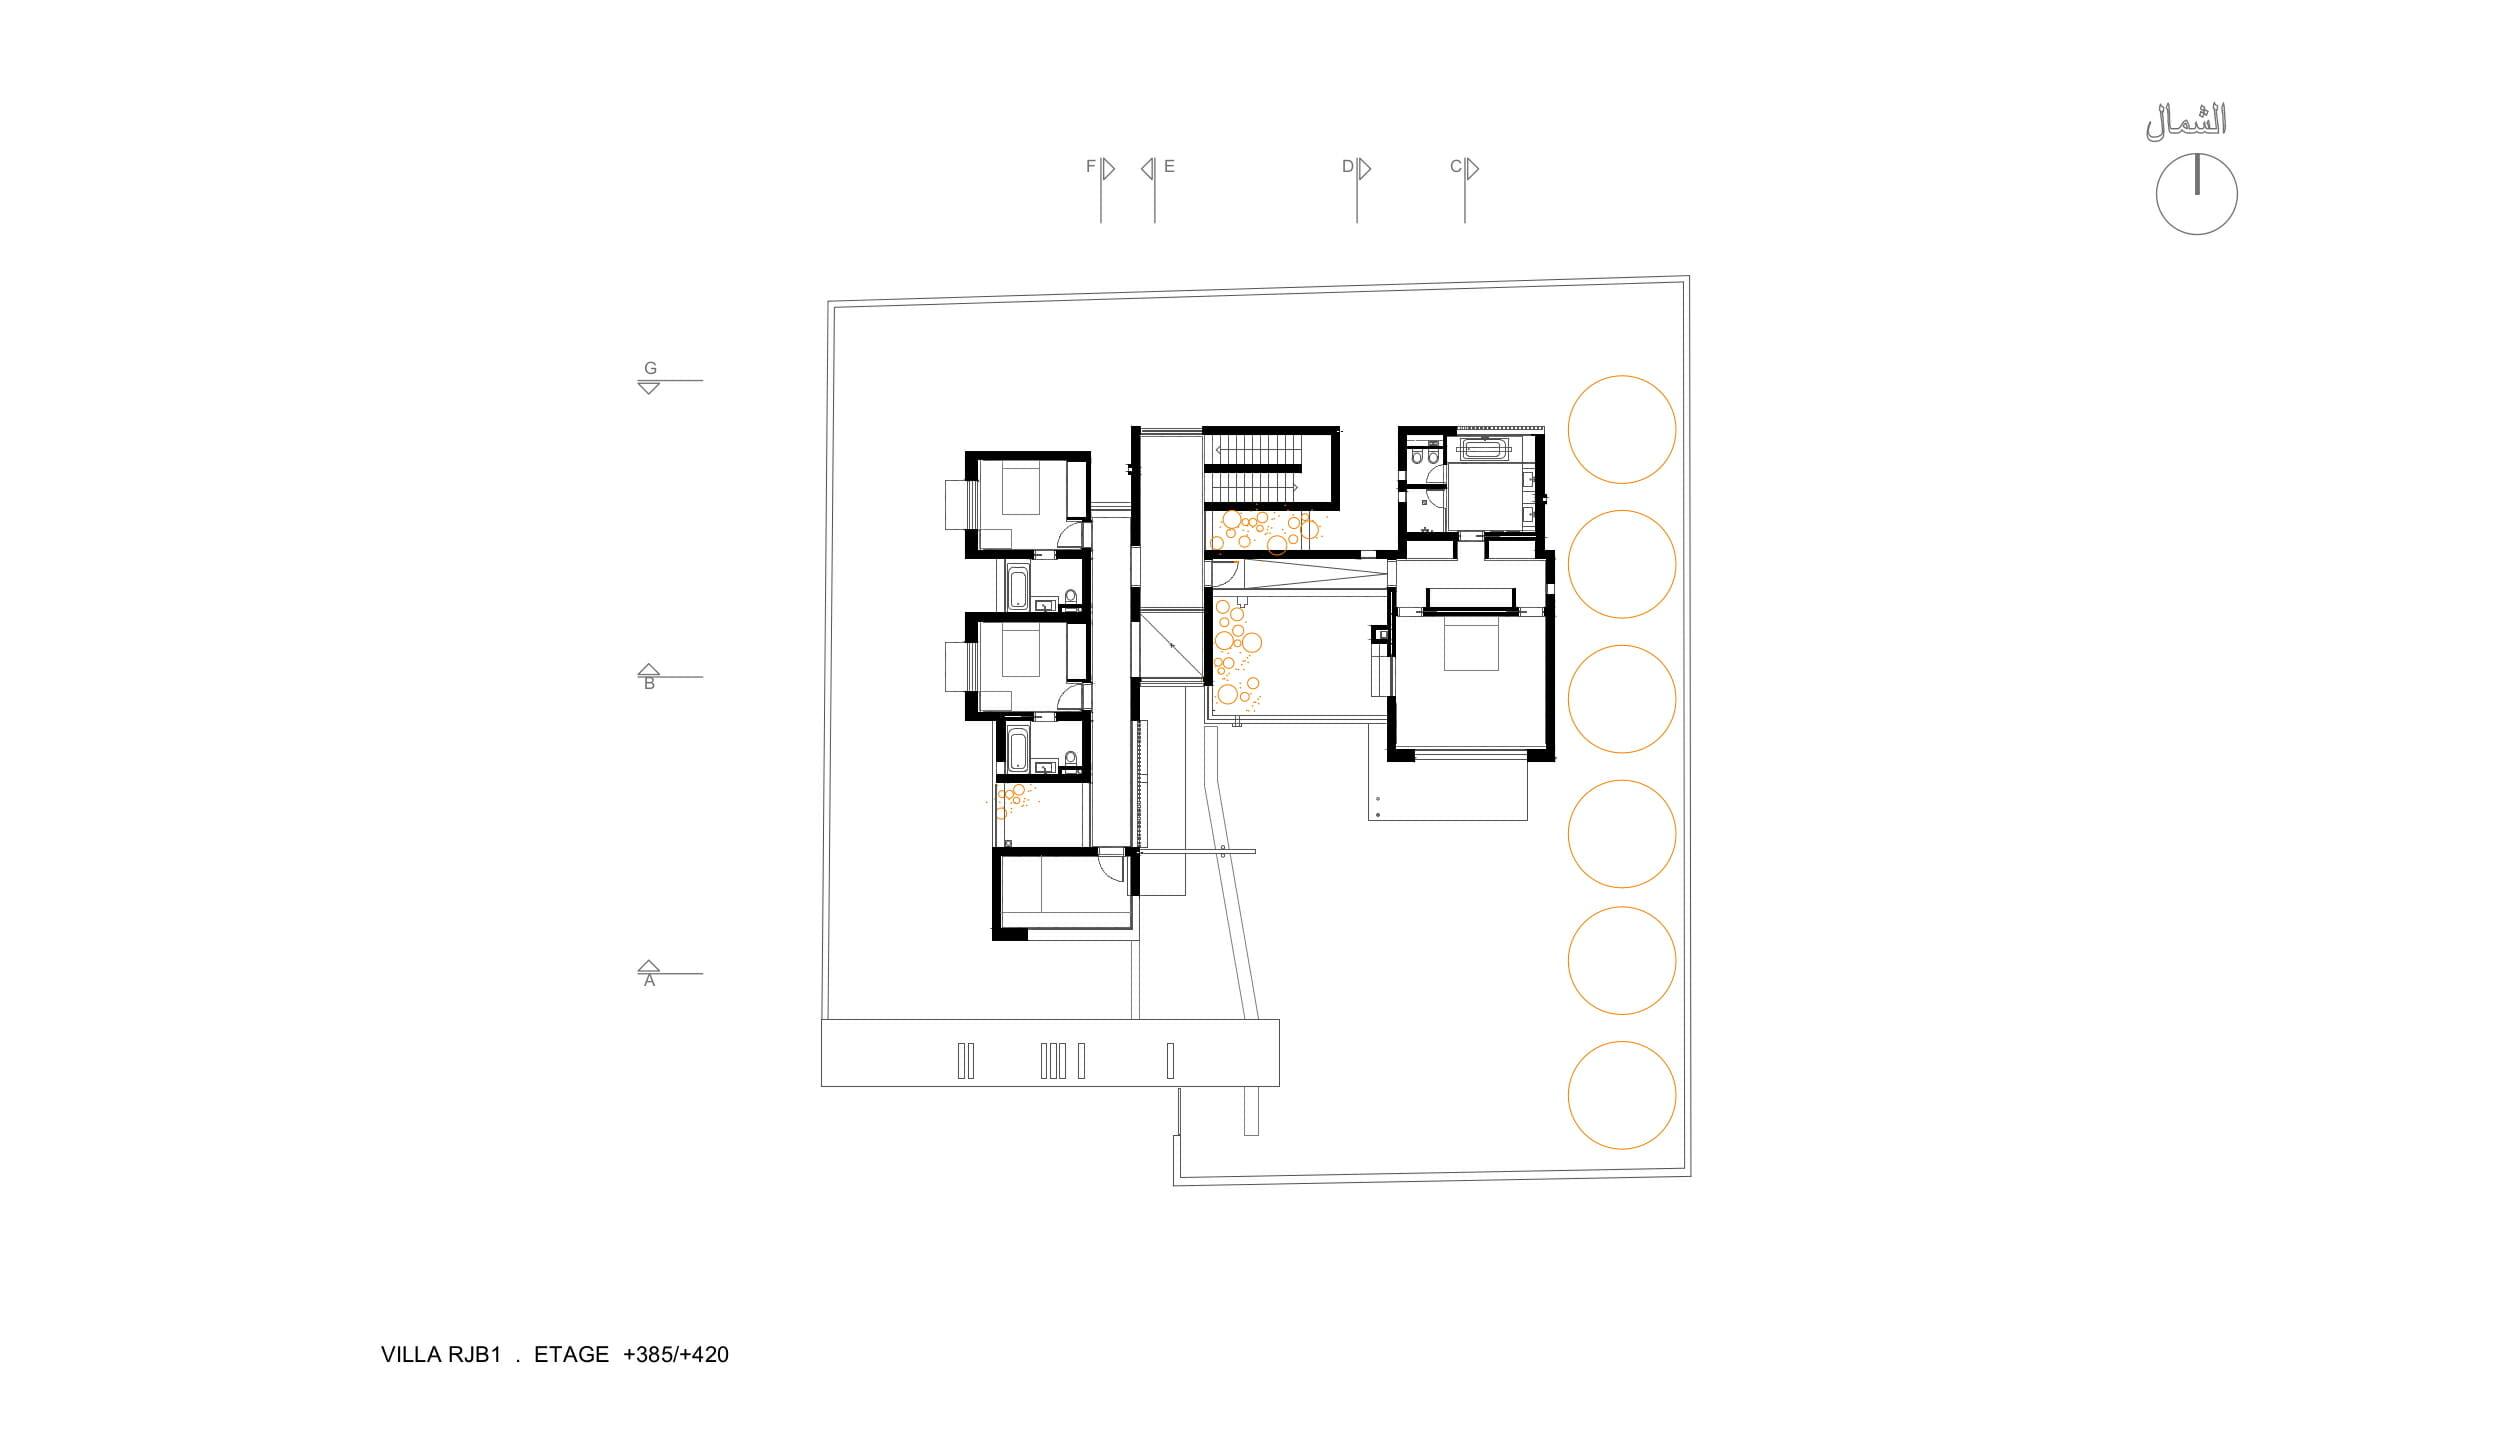 RJB1-plan 02-etage